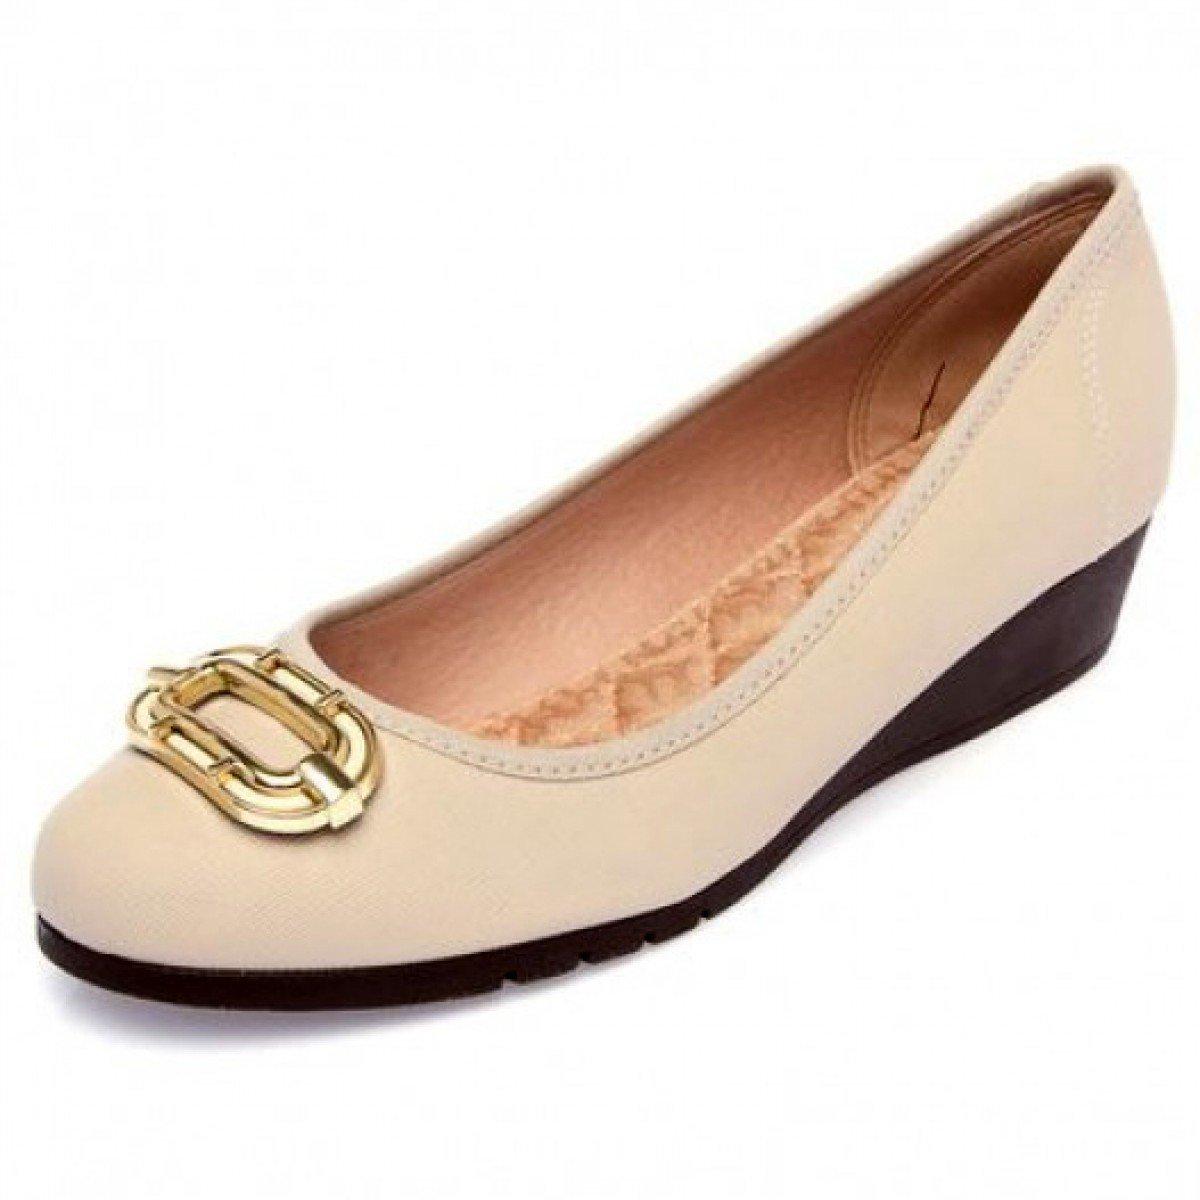 91ee0d9f77 Sapato Feminino Moleca Anabela Baixa Nude - Compre Agora